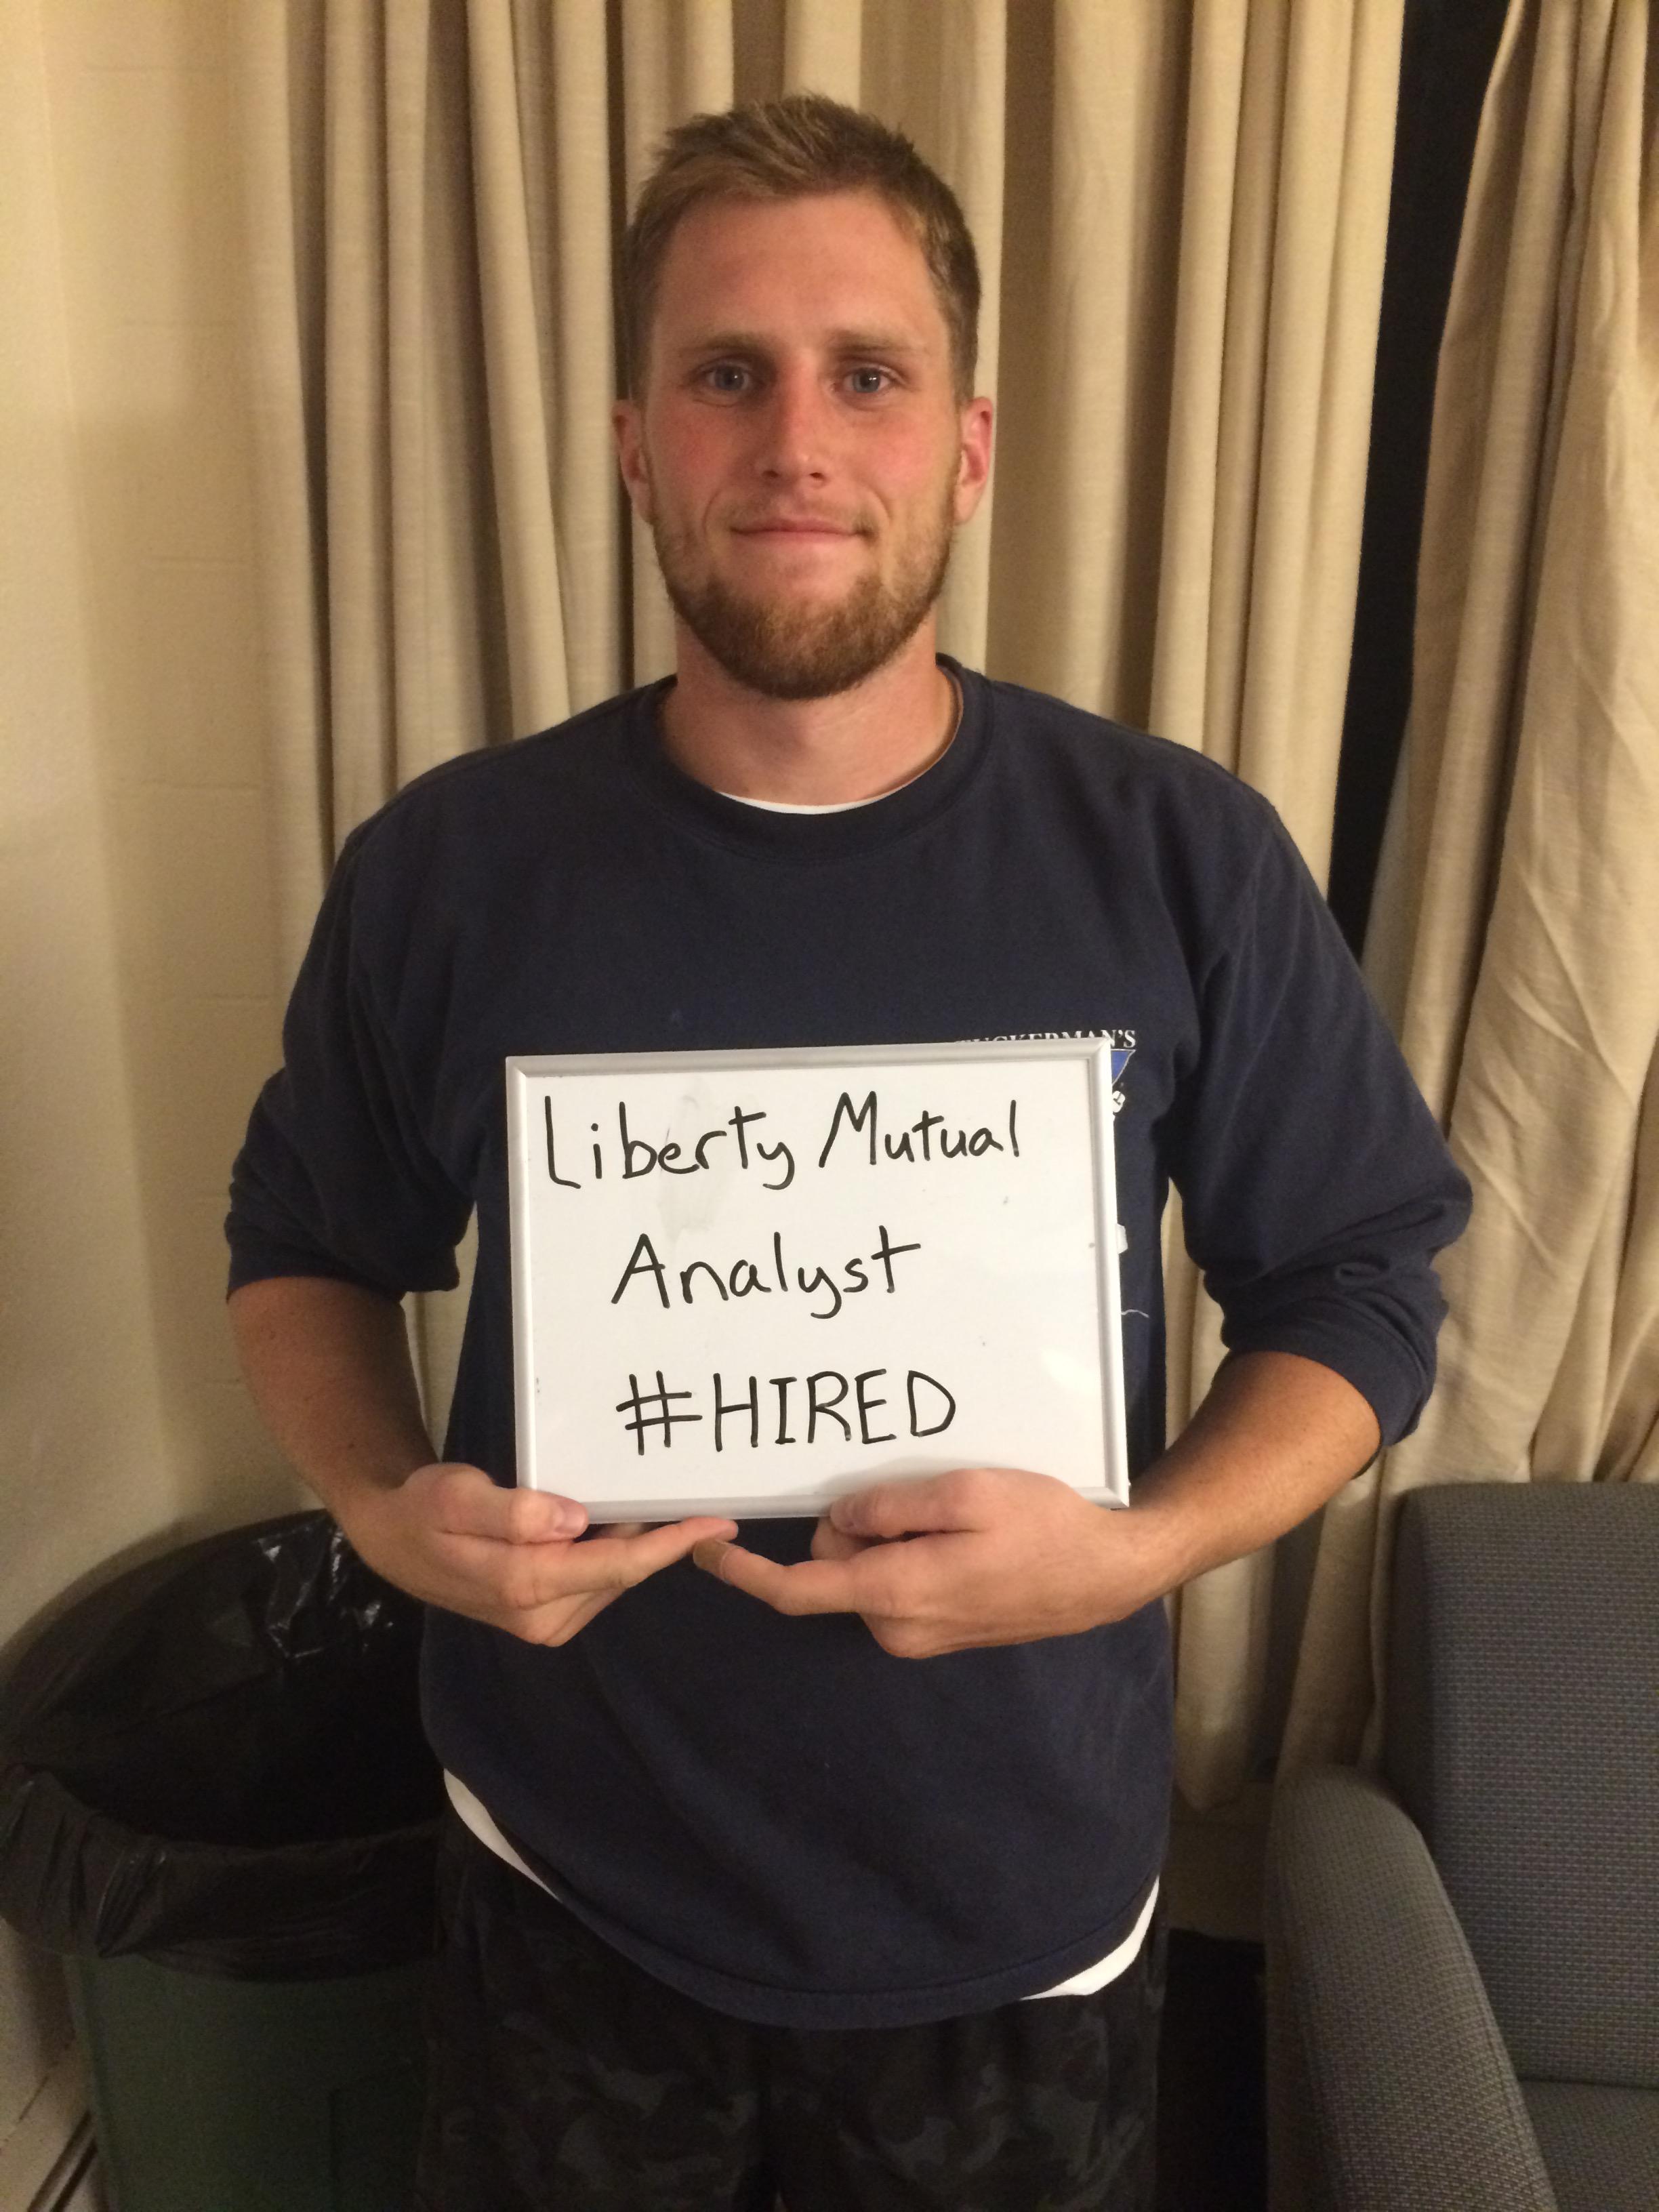 Nick.Liberty Mutual Analyst. Nick Wells